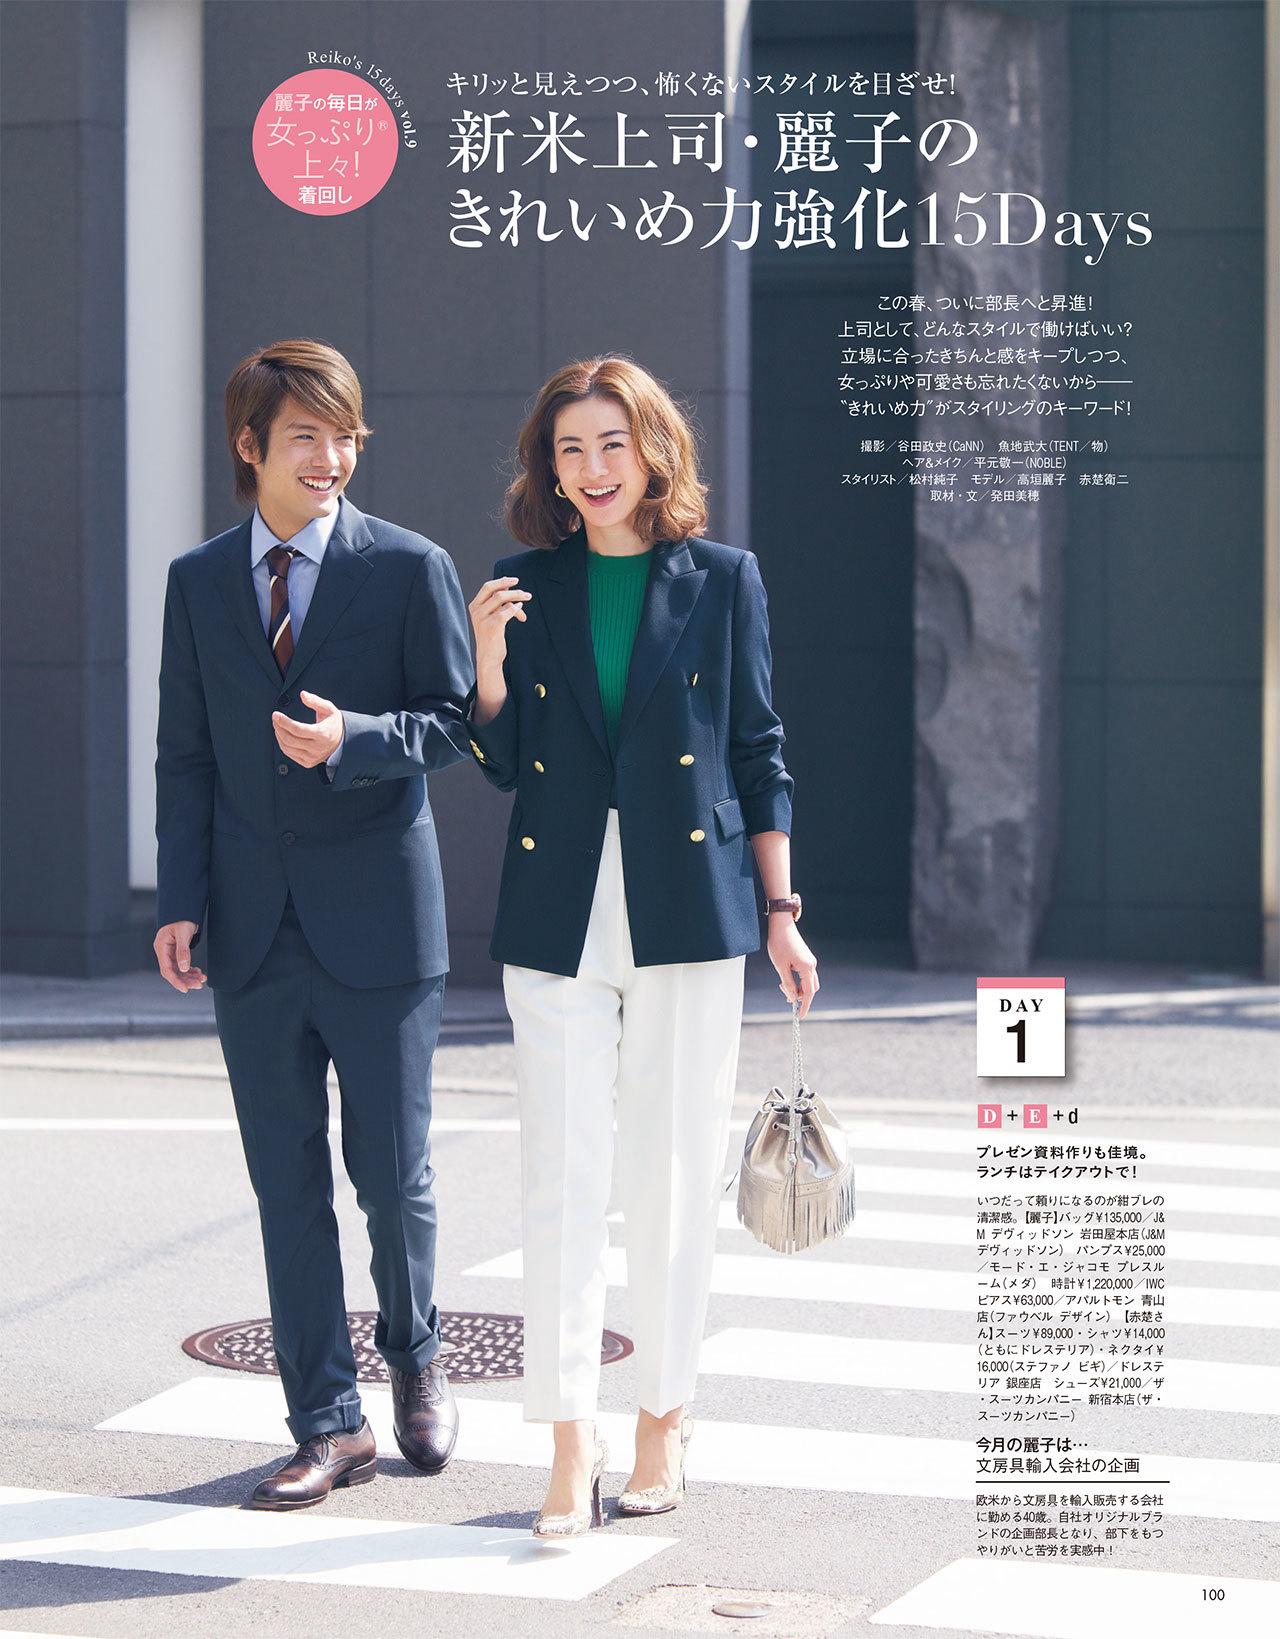 新米上司・麗子の きれいめ力強化15Days